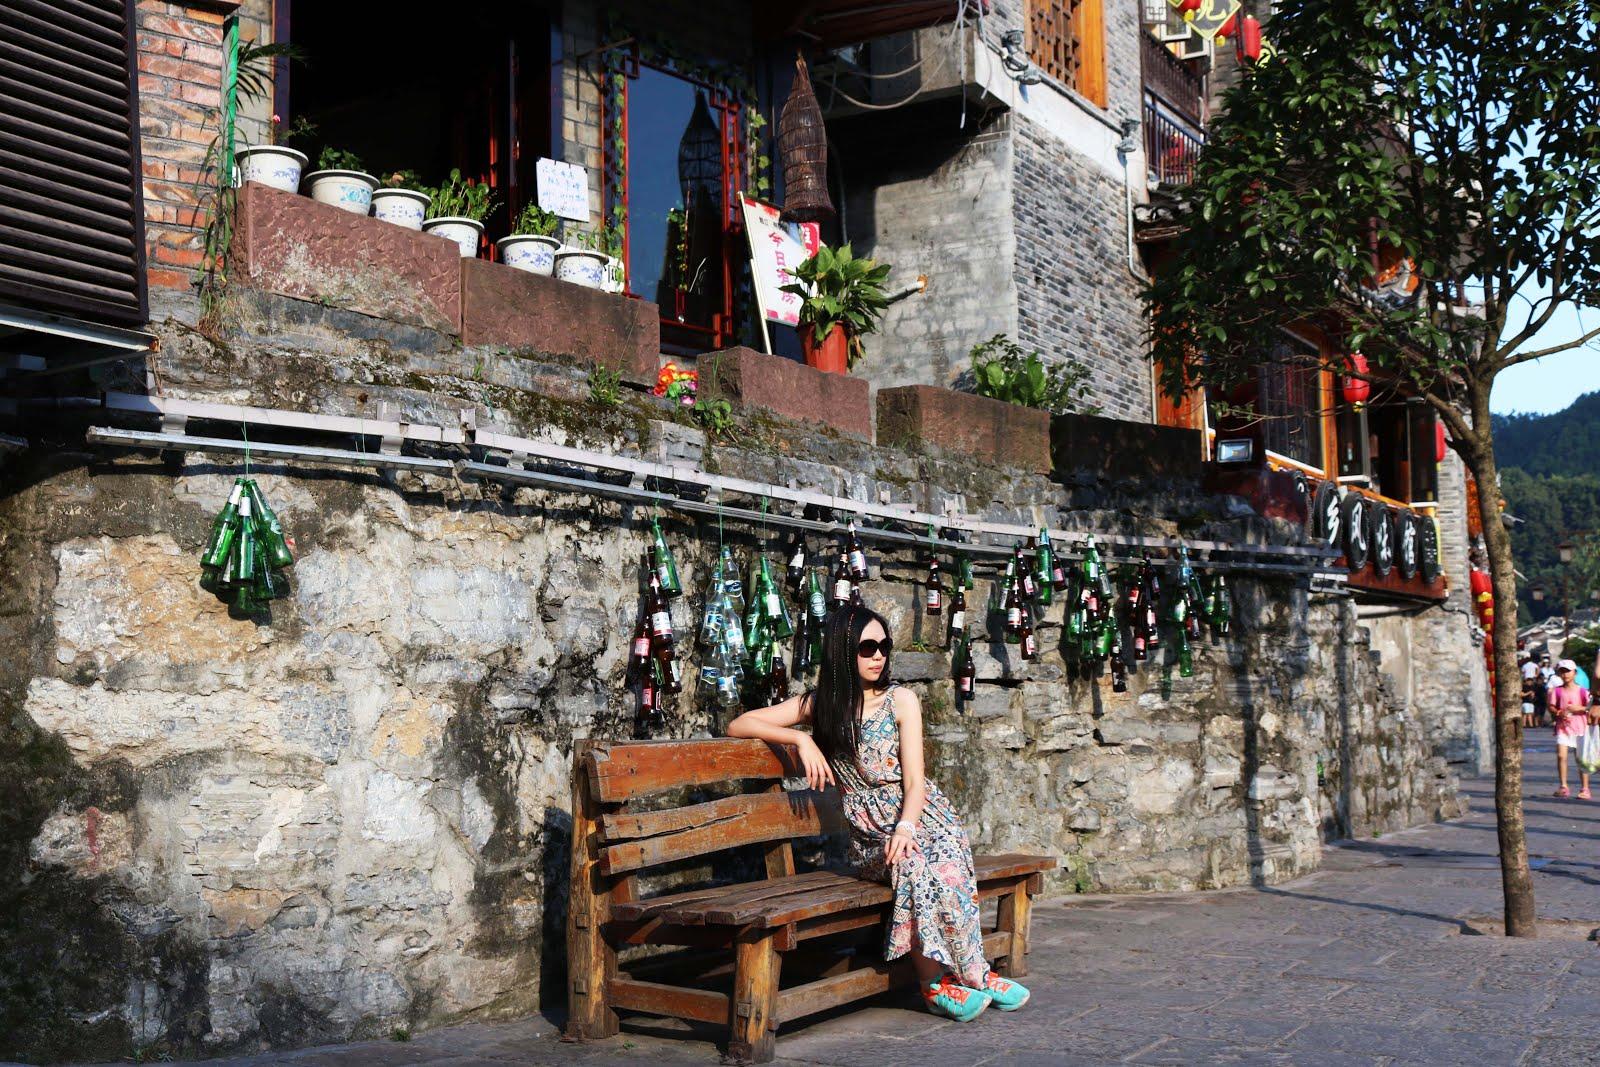 6 Months in China �� 这张照片是在中国湖南省凤凰古城旅行时拍的 .